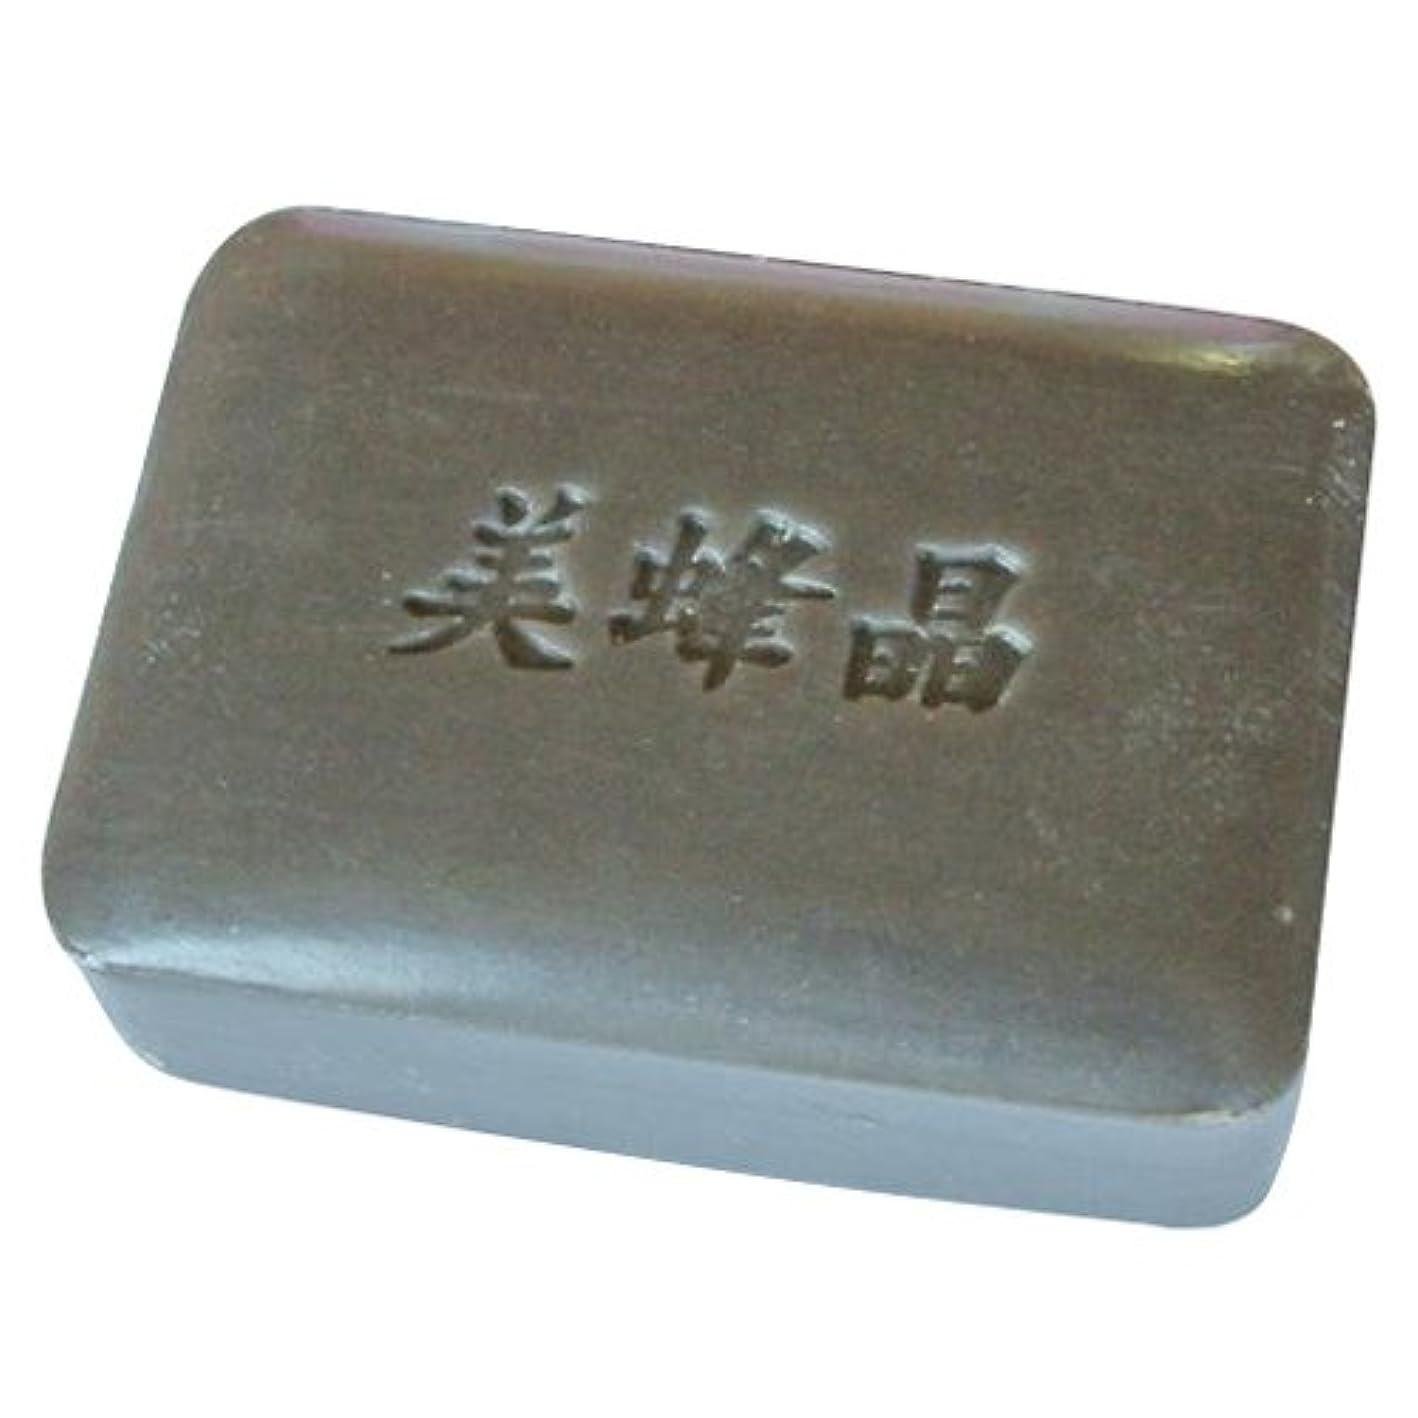 ベジタリアン宝石精通した鈴木養蜂場 プロポリス石鹸 美蜂晶100g 2個セット